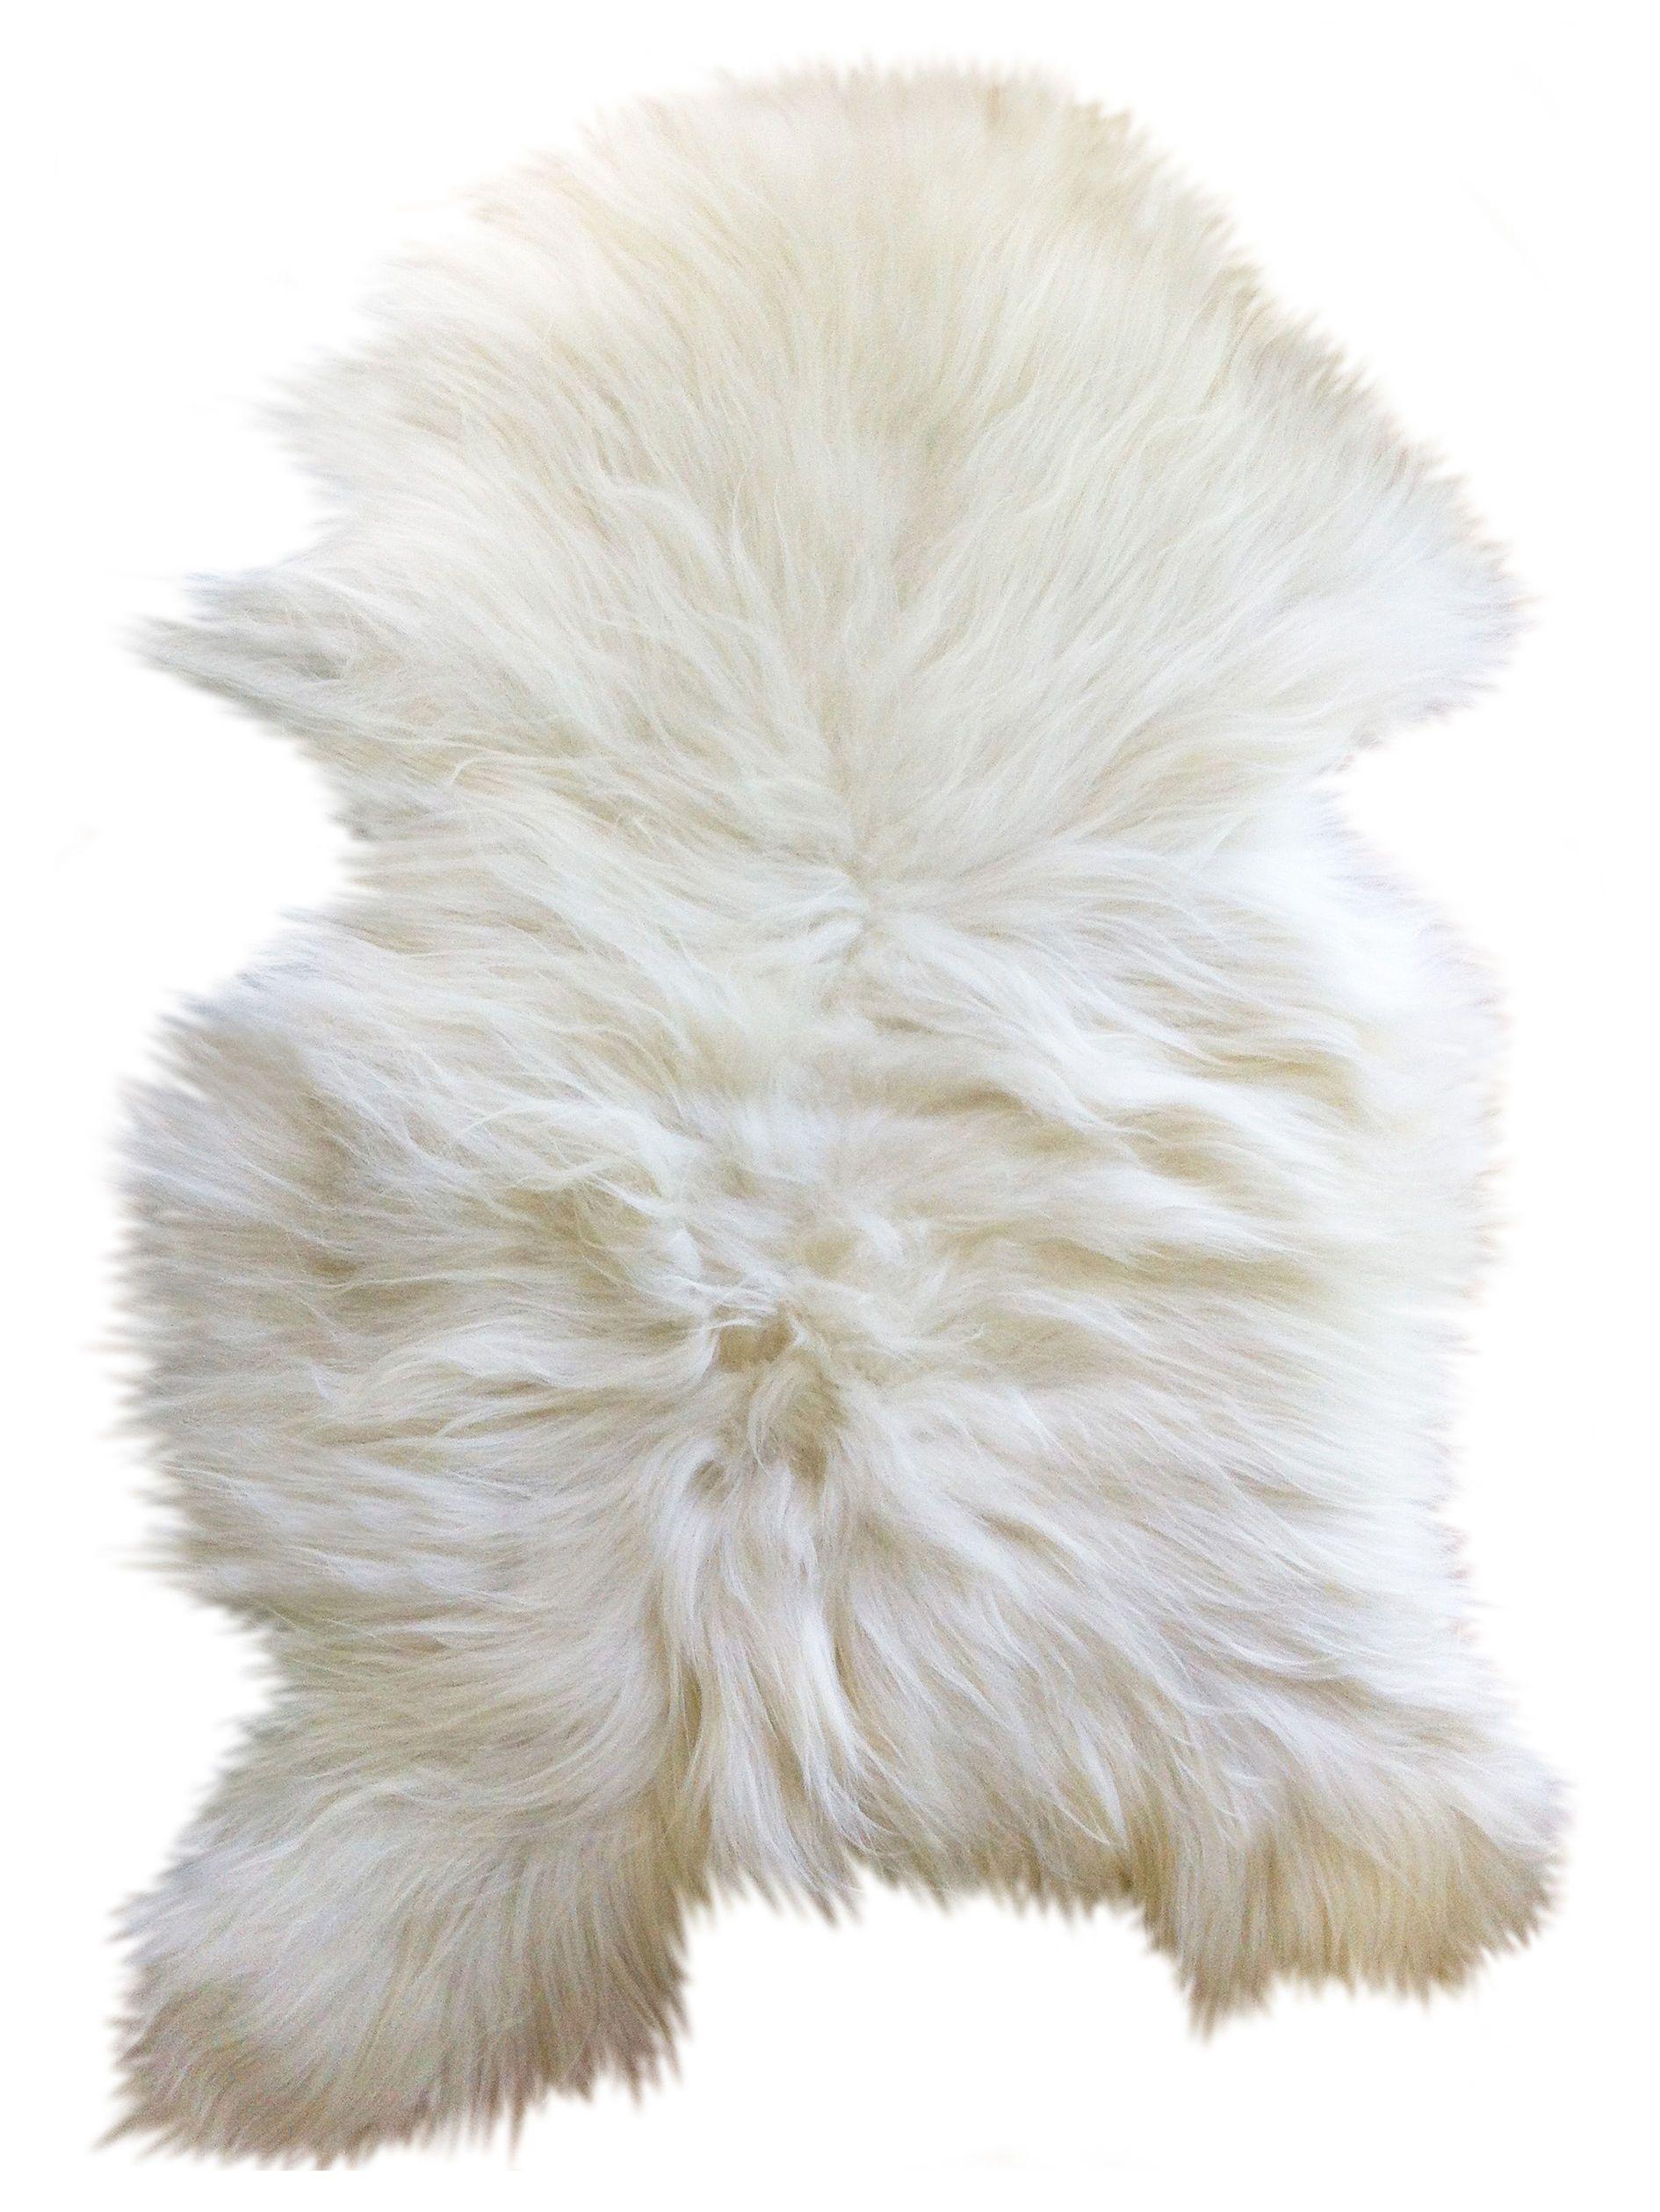 Peau de mouton One Moumoute /Poils longs - 65 x 110 cm - FAB ...